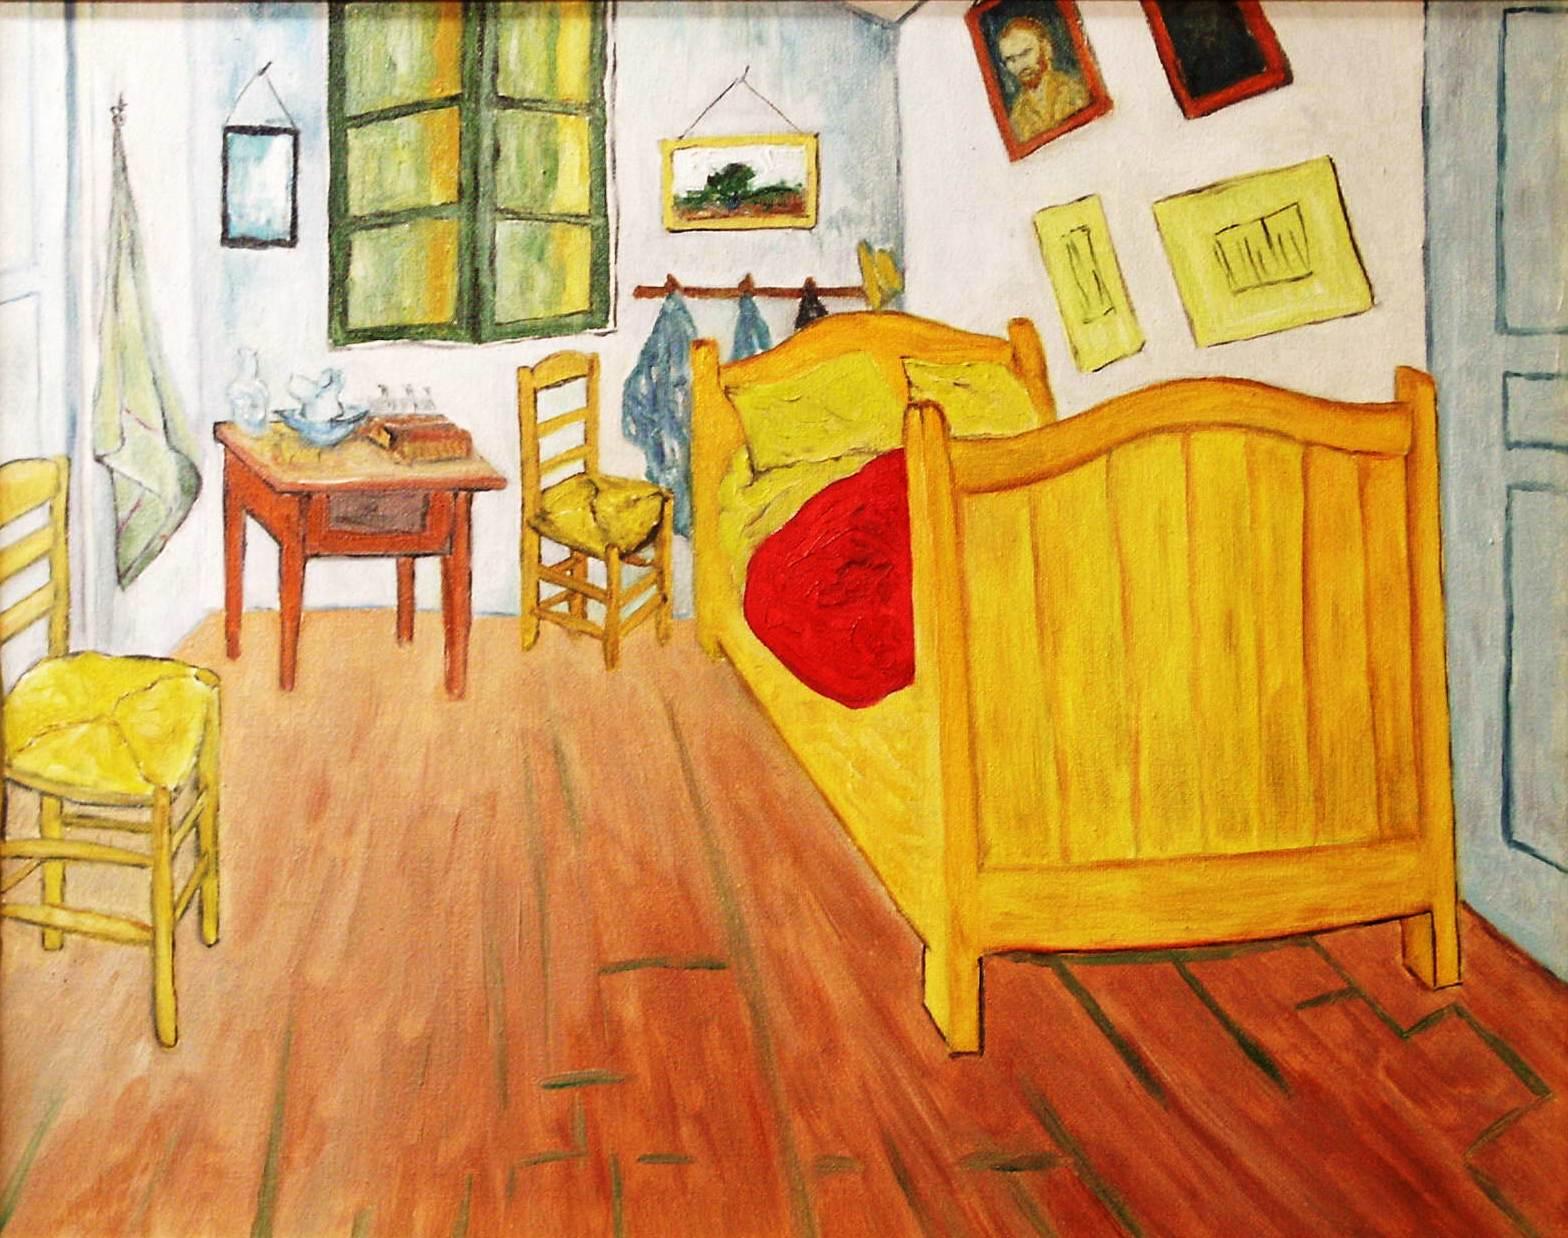 Camera da letto ad arles van gogh maurizio amorosi opera celeste network - La camera da letto van gogh ...